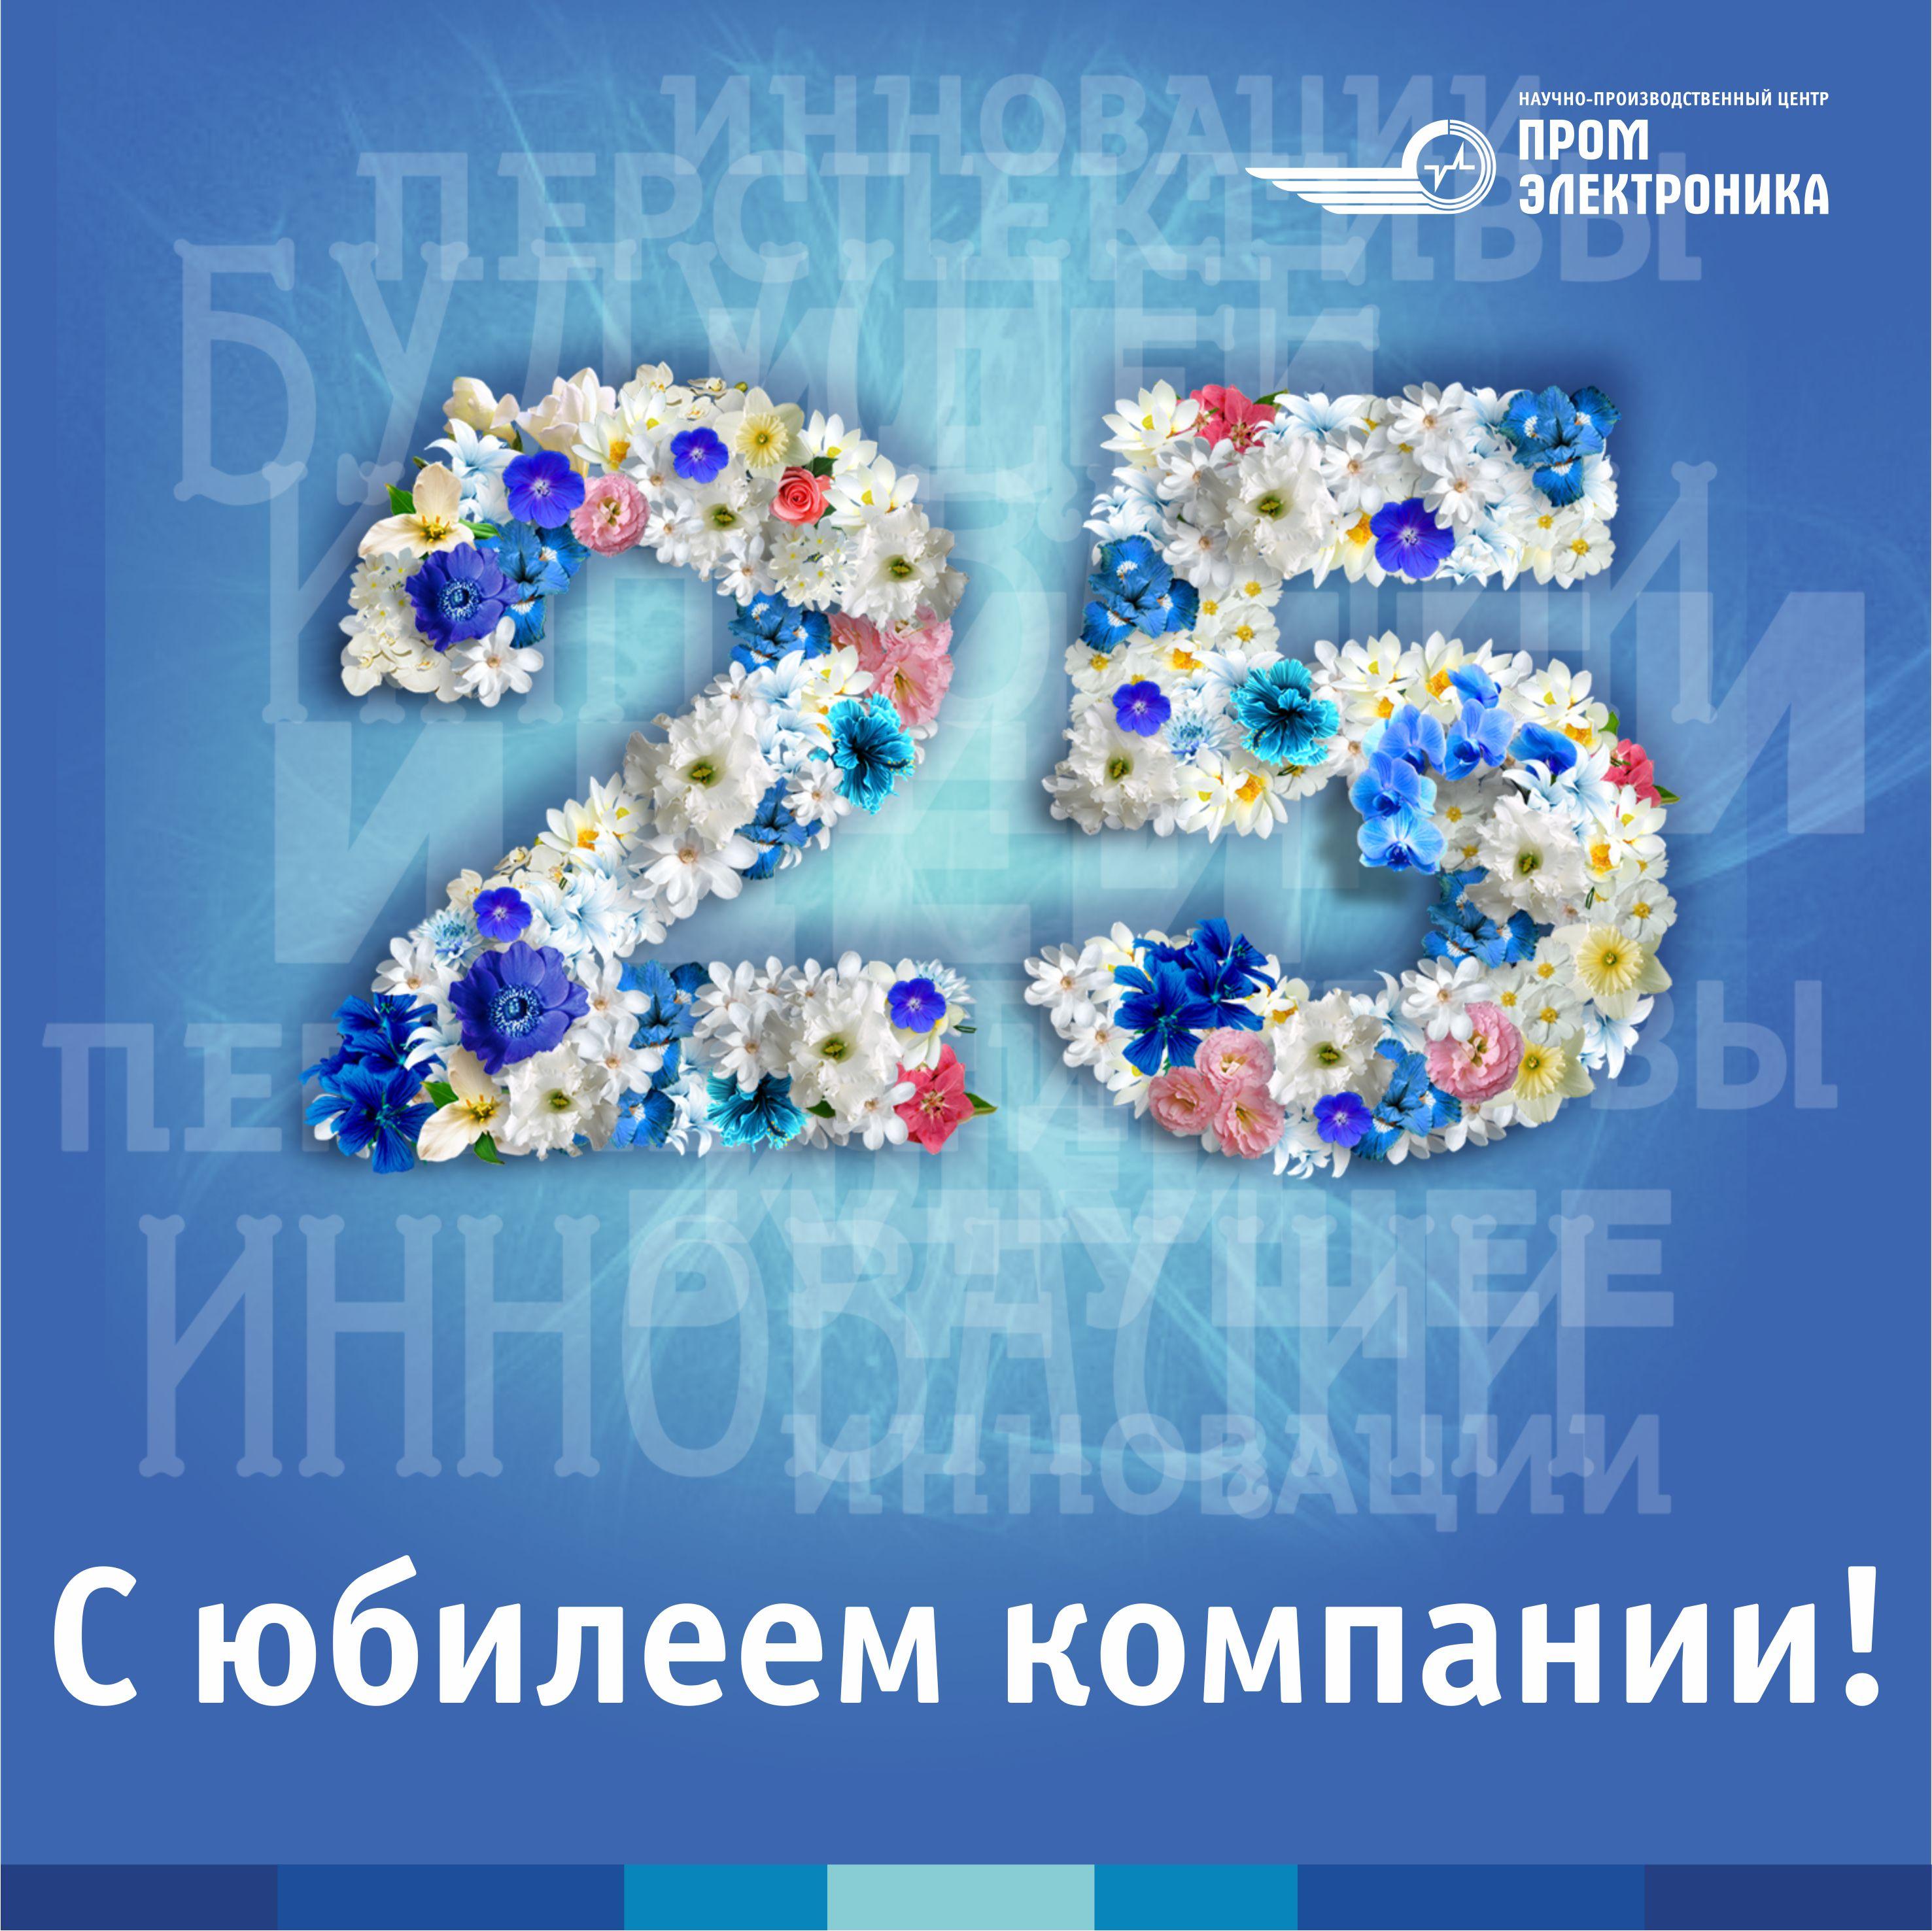 Поздравление с юбилеем компании 25 лет